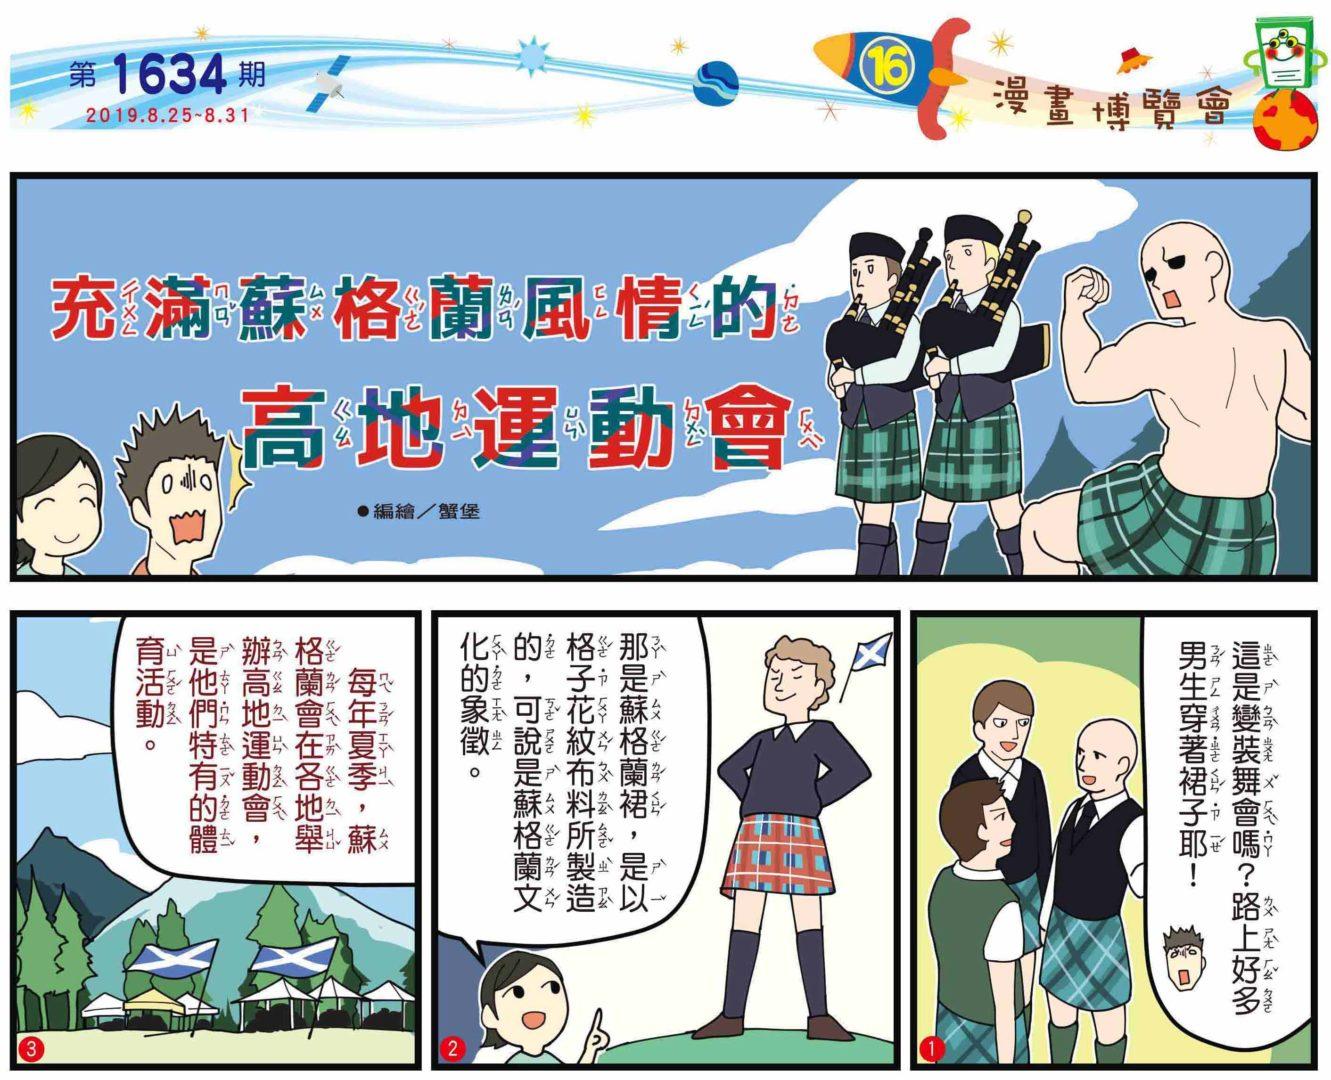 全國兒童週刊第1634期 漫畫-高地運動會